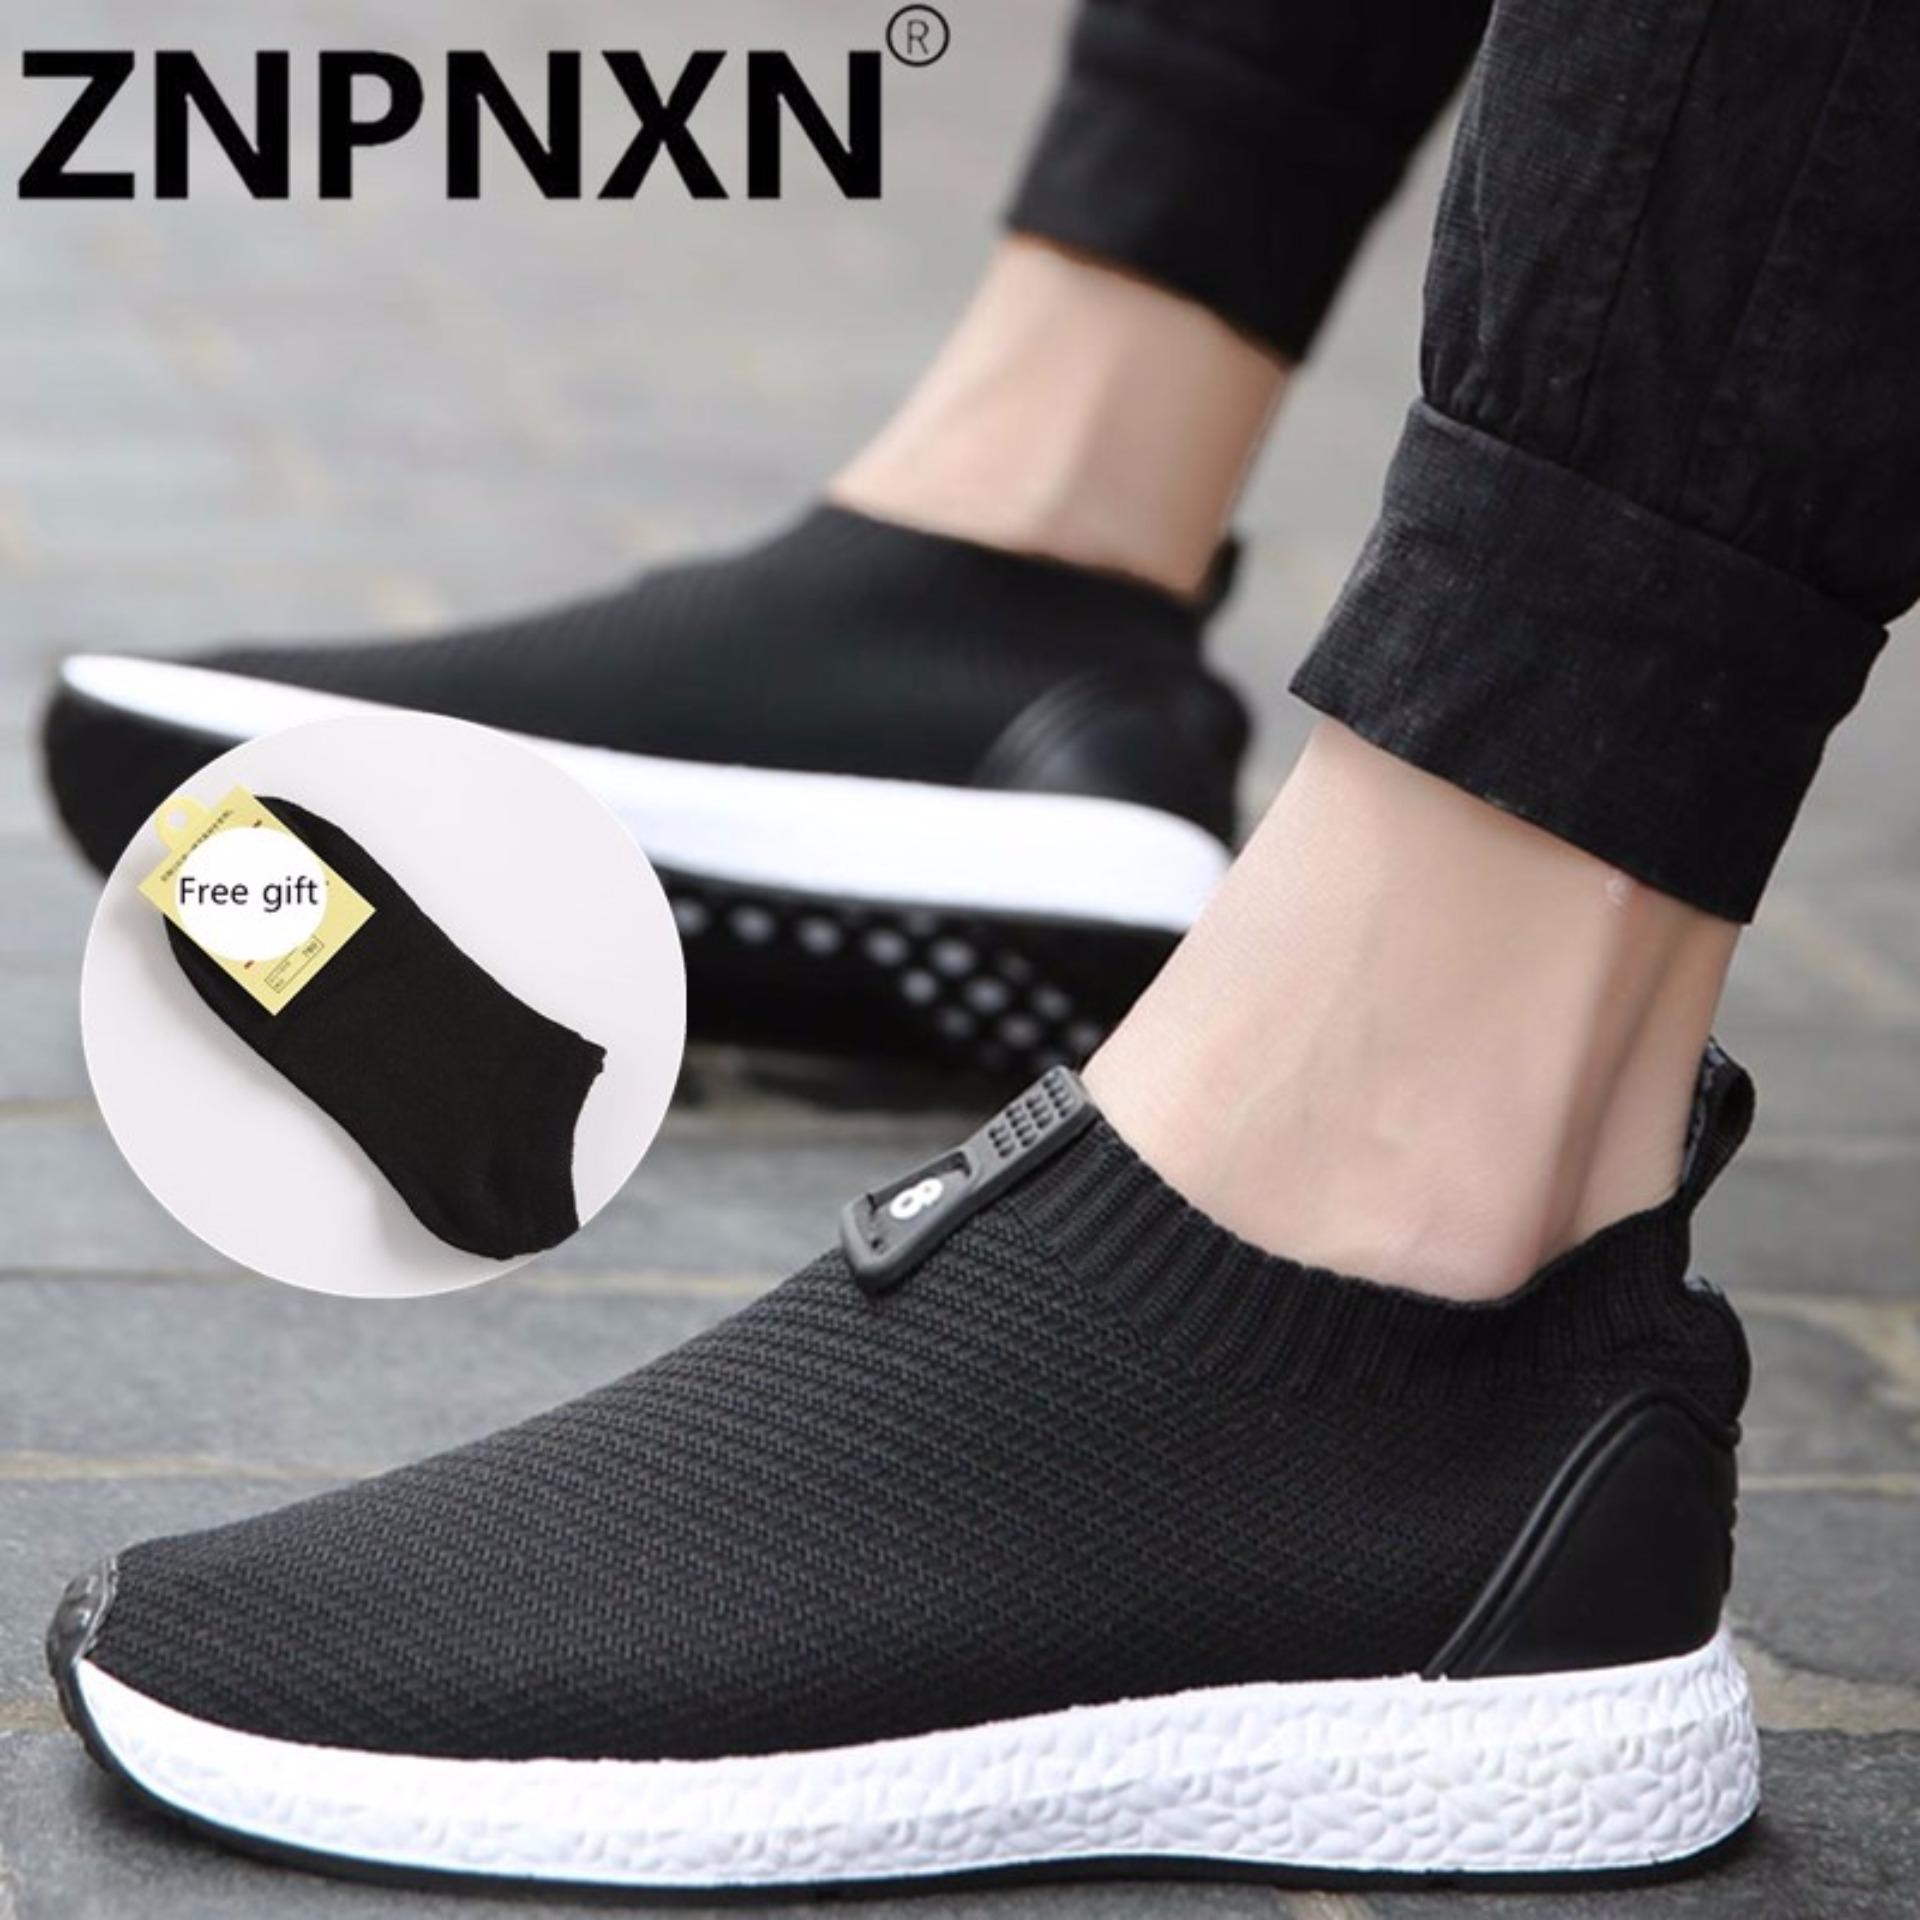 Harga Znpnxn Kaus Menjalankan Sepatu For Pria Mesh Bernapas Olahraga Sepatu Sneakers Pria English Cahaya Sepatu Olahraga Hitam Dan Putih Intl Yang Murah Dan Bagus